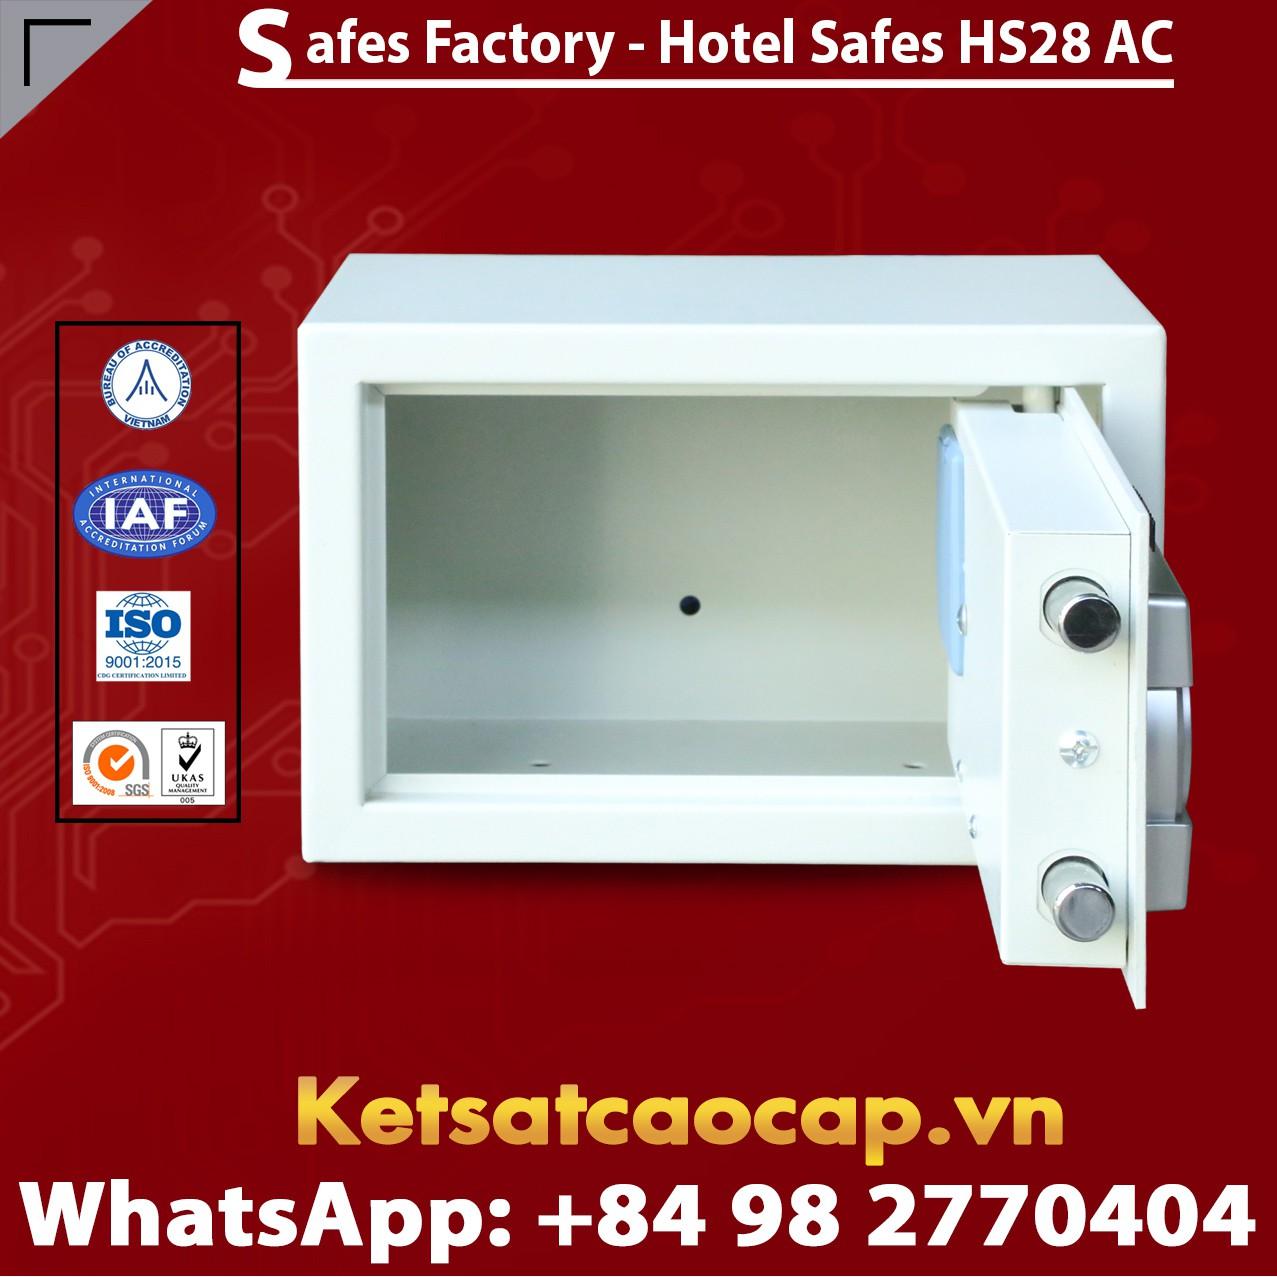 Két Sắt Khách Sạn Hotel Safes HOMESUN HS28 AC